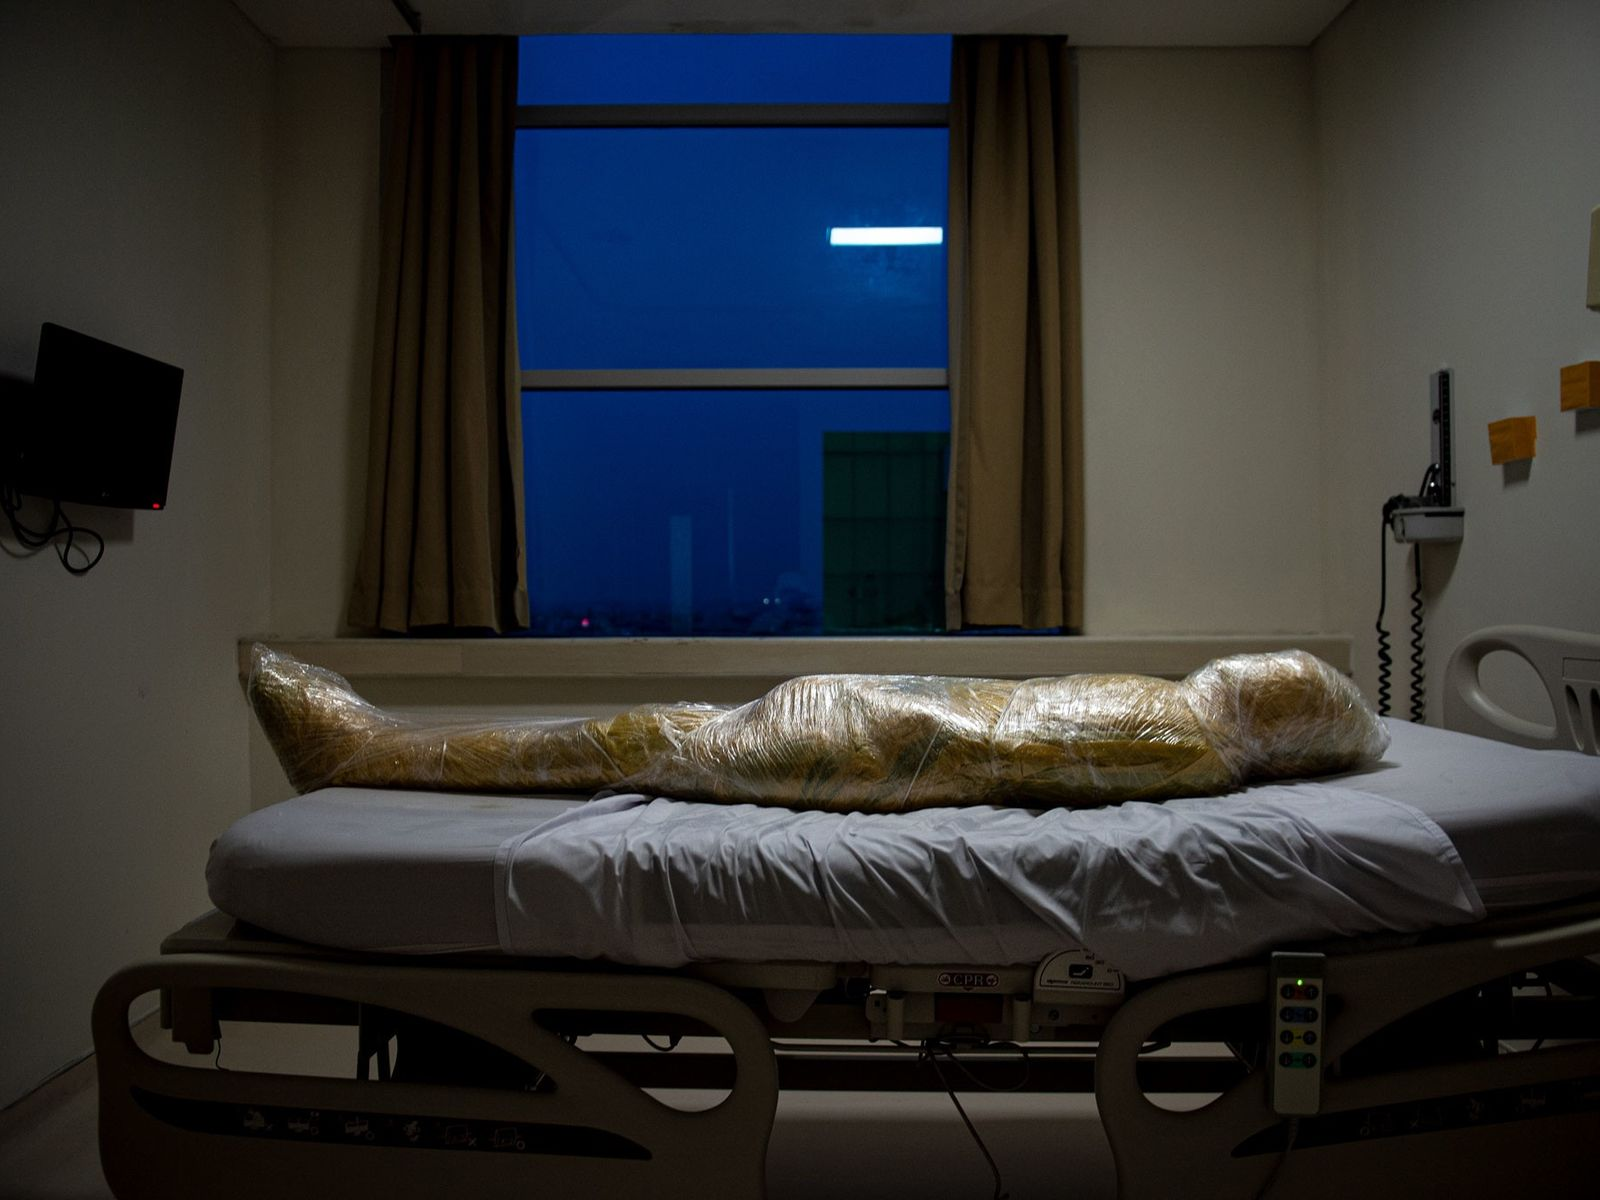 O corpo de uma vítima suspeita de COVID-19 jaz num hospital indonésio. Após a morte do ...